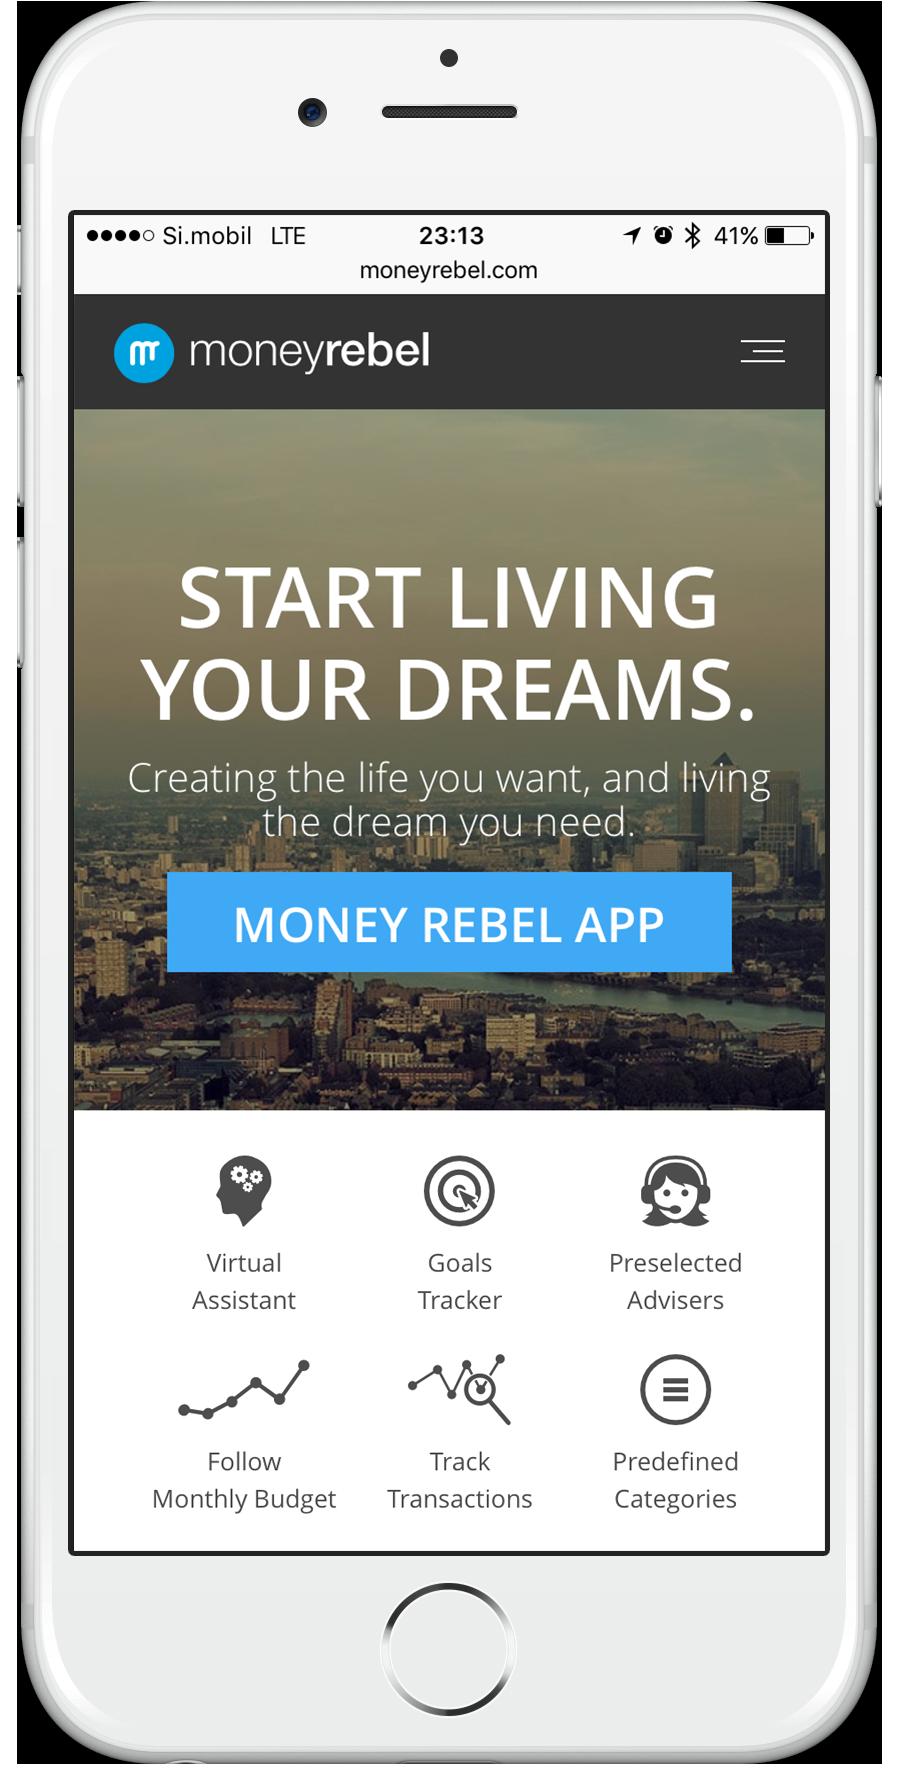 Odzivna spletna aplikacija Moneyrebel